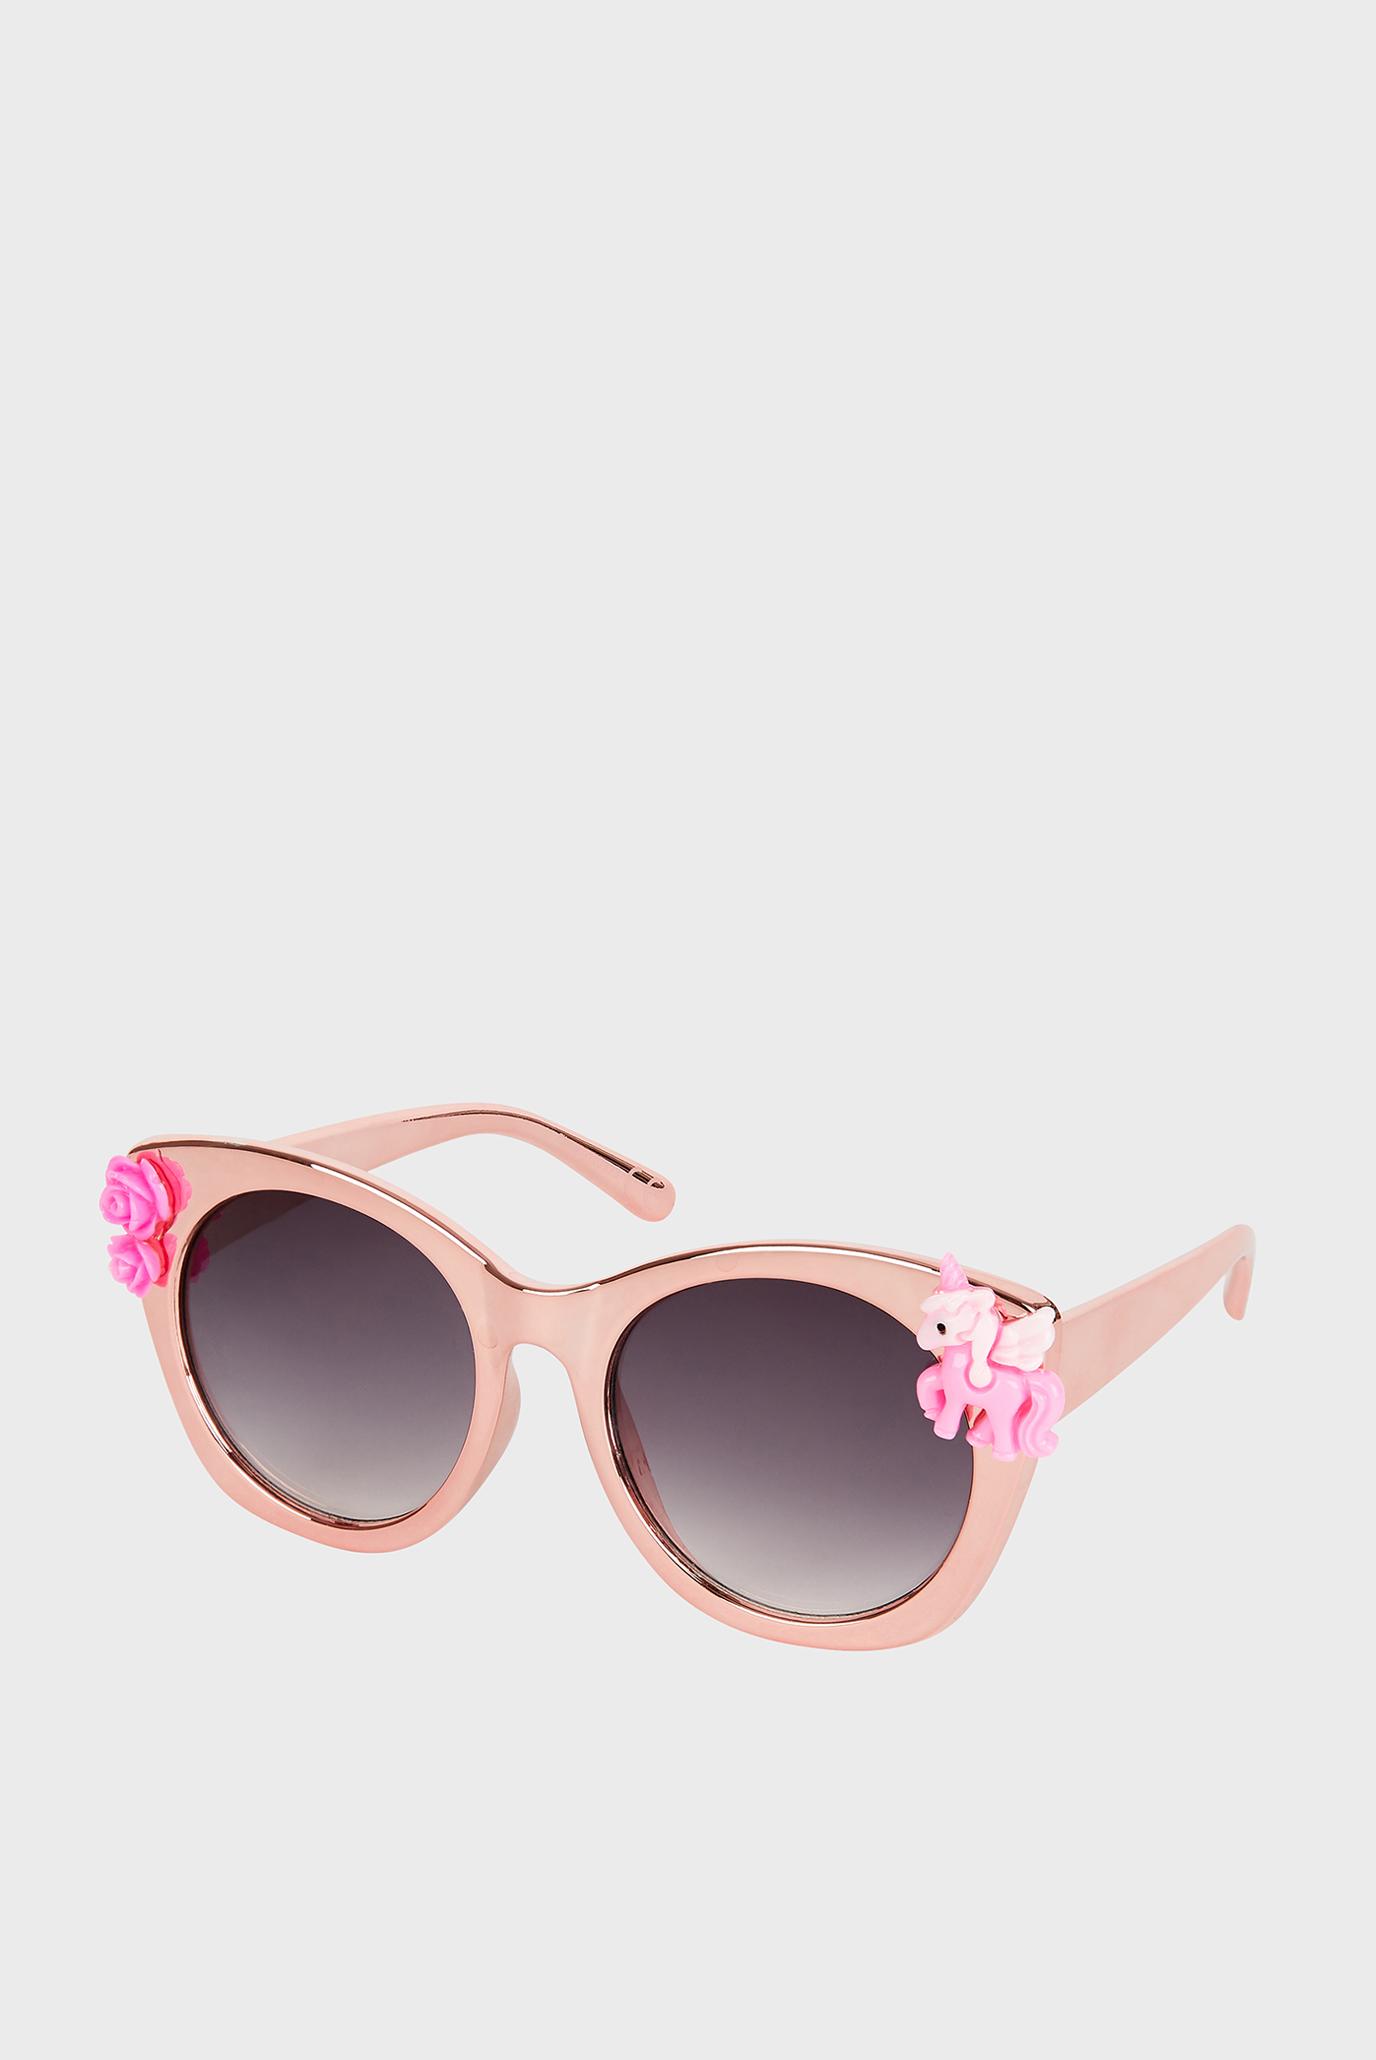 Дитячі рожеві окуляри FELICITY UNICORN PIN 1